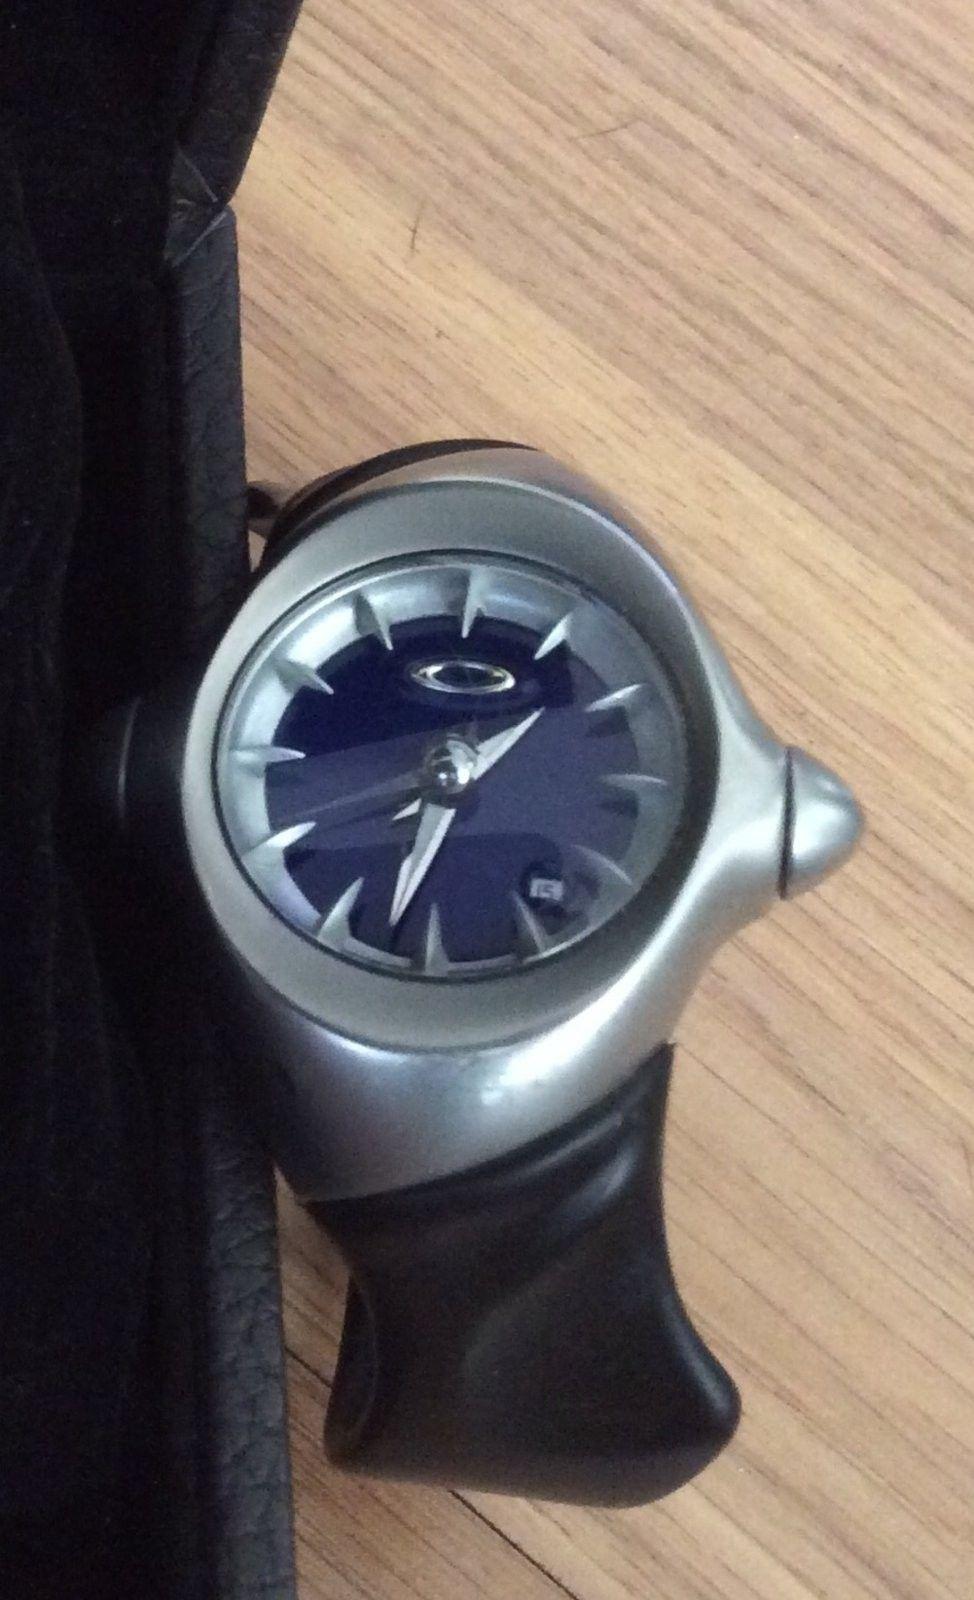 Oakley Crush Watch - image.jpeg